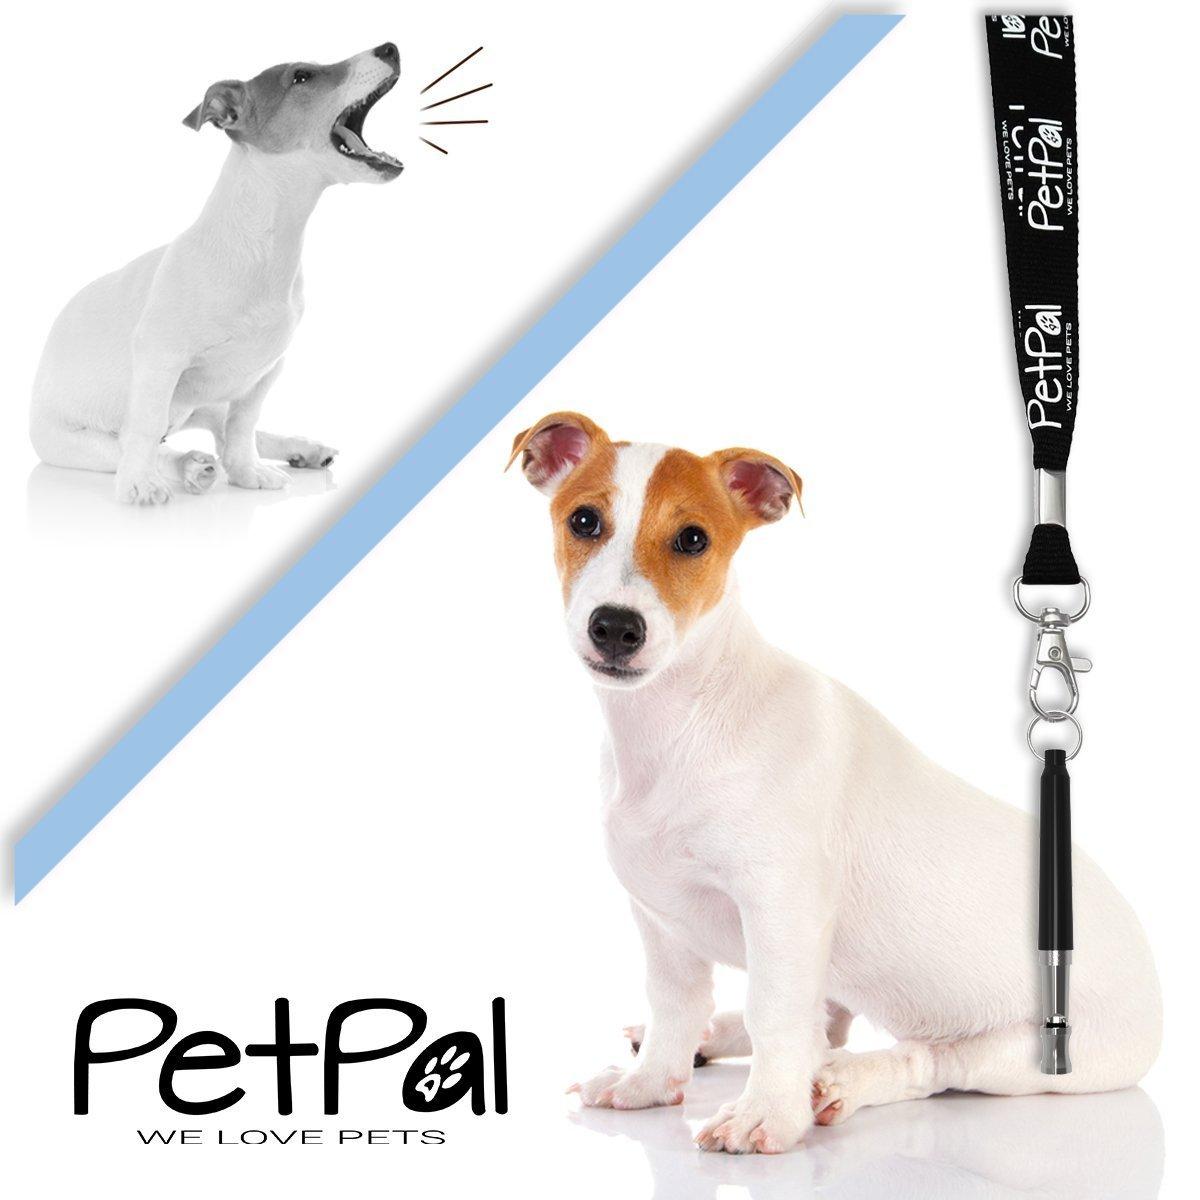 ultrasuoni Patrol Audio frequenza Regolabile PetP/äl Cani Premium Treno Smettere di abbaiare Corteccia Controllo Silencio Fischietto per addestramento per Cani e Cuccioli con Cordino Tracolla